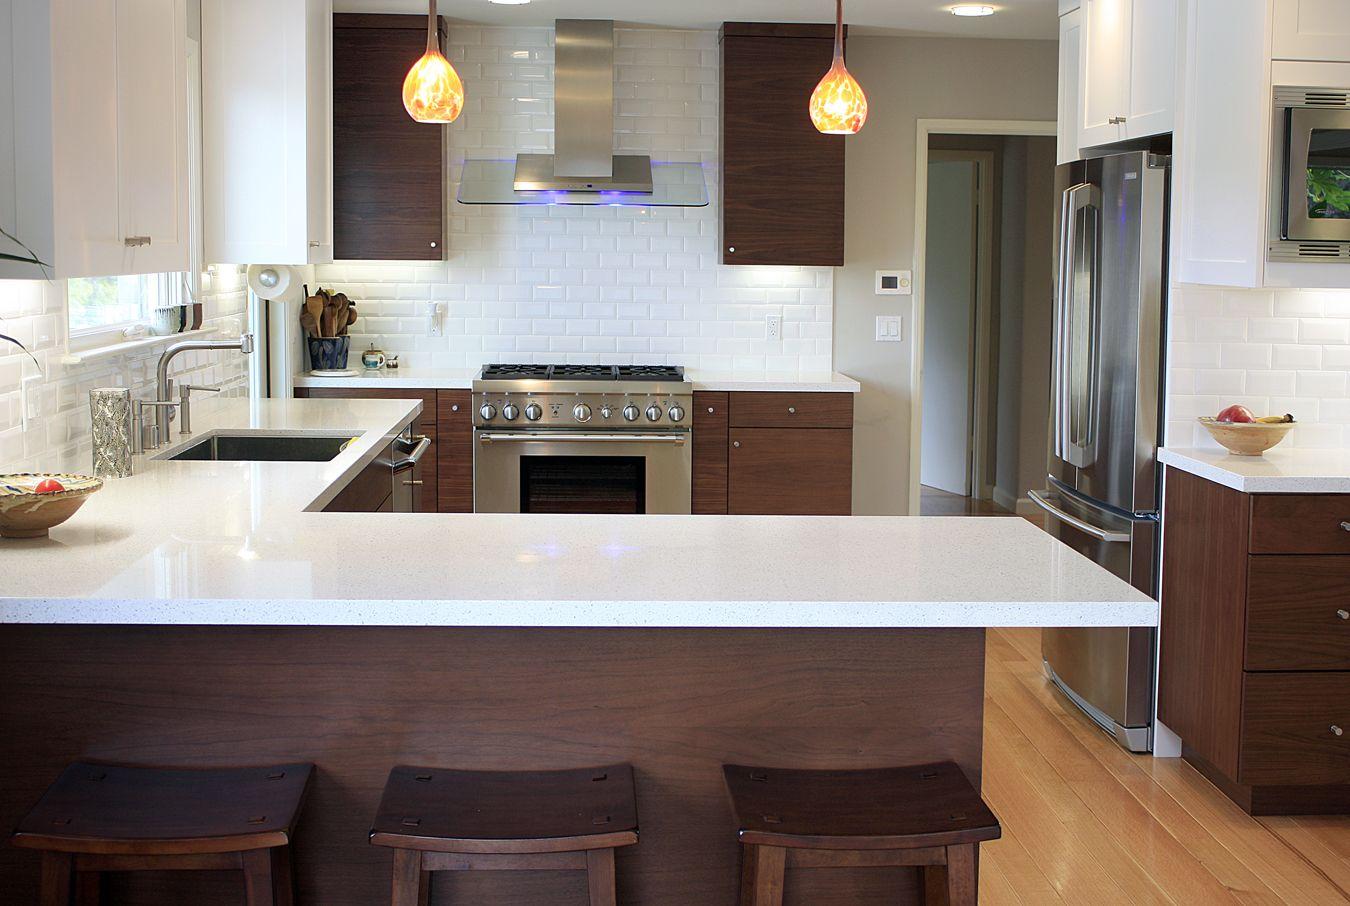 Wie Zu Reinigen Kuche Arbeitsplatten Caesarstone Quarz Sind Nicht Nur Wunderschon Kitchen Cabinets And Countertops Laminate Kitchen Cabinets Kitchen Interior